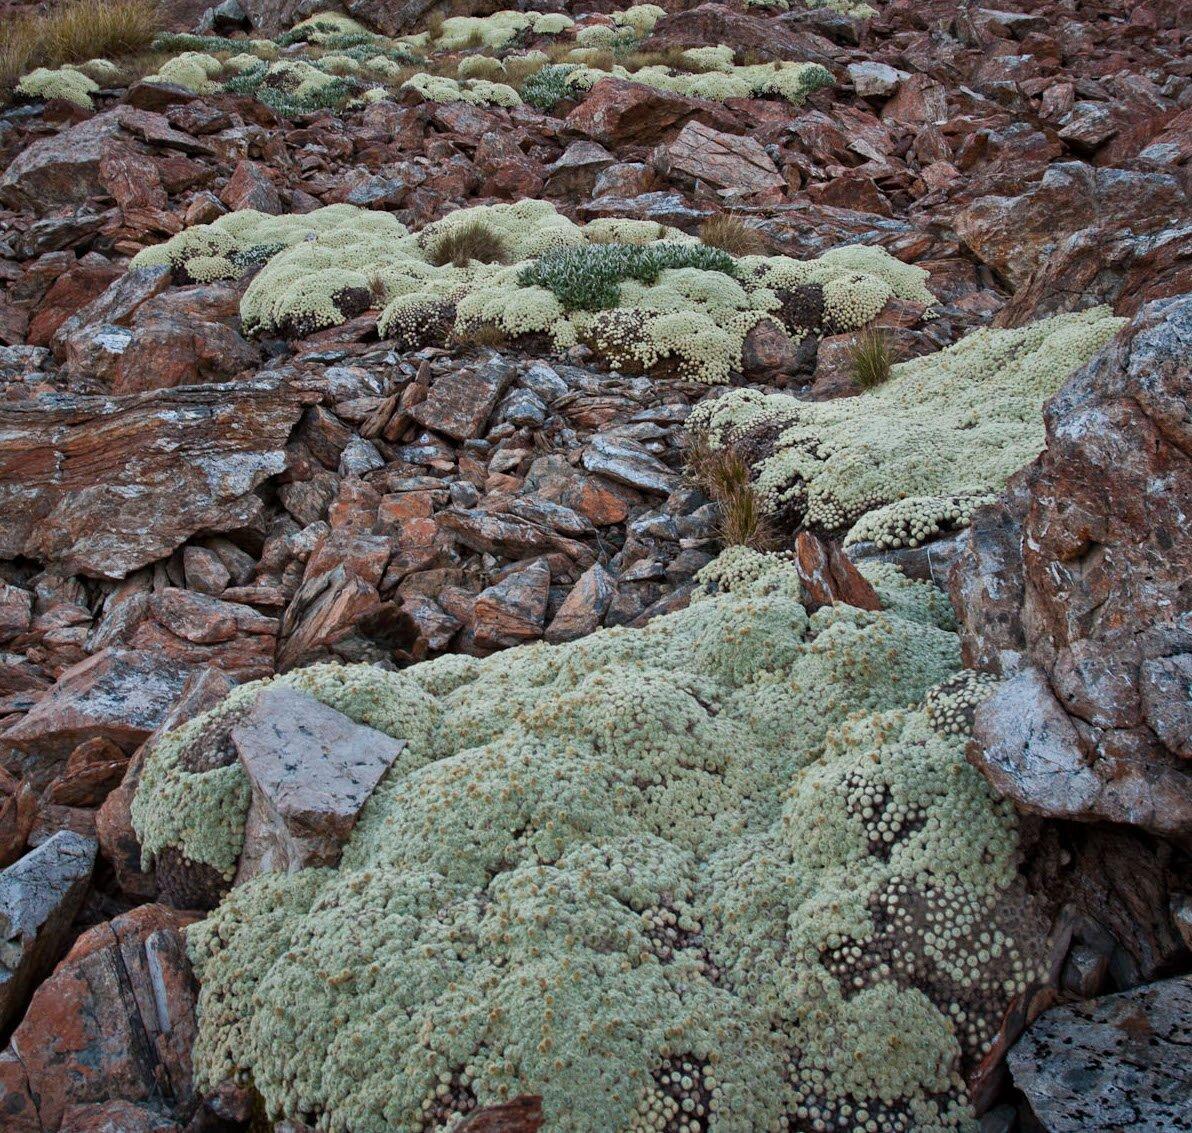 Zdjęcie przedstawia roślinę wpostaci licznych kęp ogęstej, zwartej budowie. Pokrywa ona podłoże skalne.